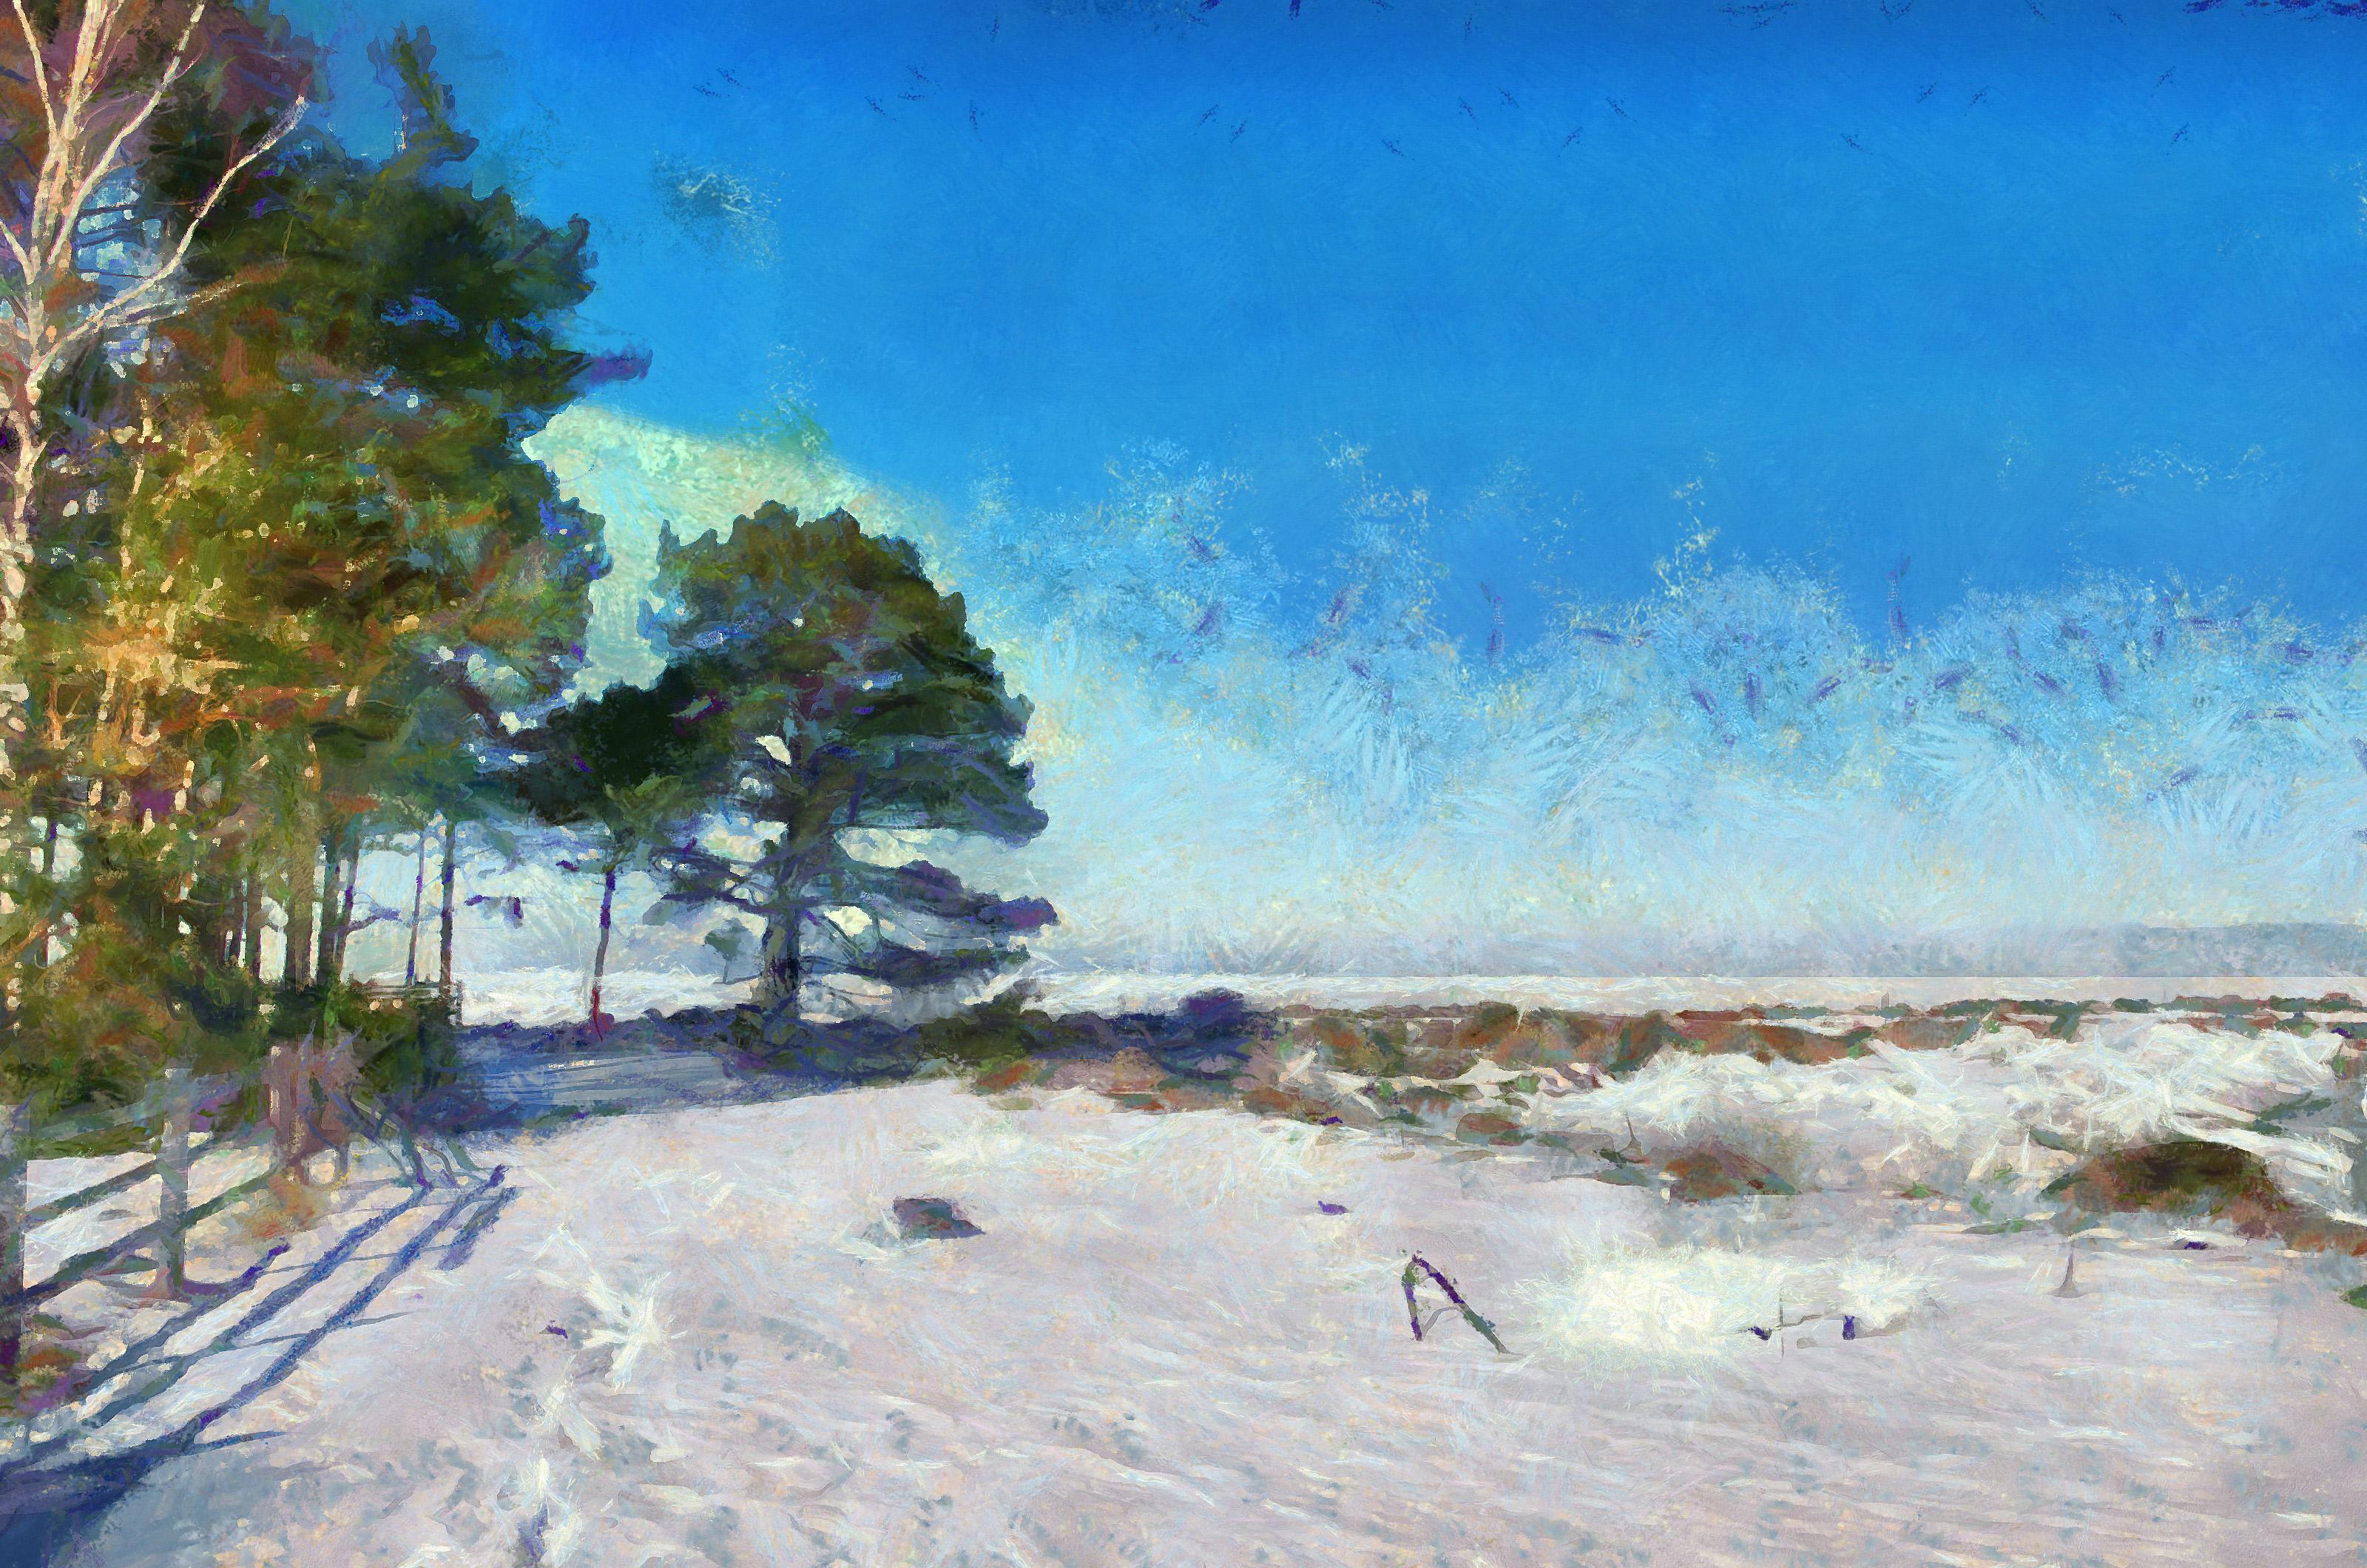 Masaüstü Manzara Boyama Photoshop Deniz Su Kıyı Gökyüzü Kış